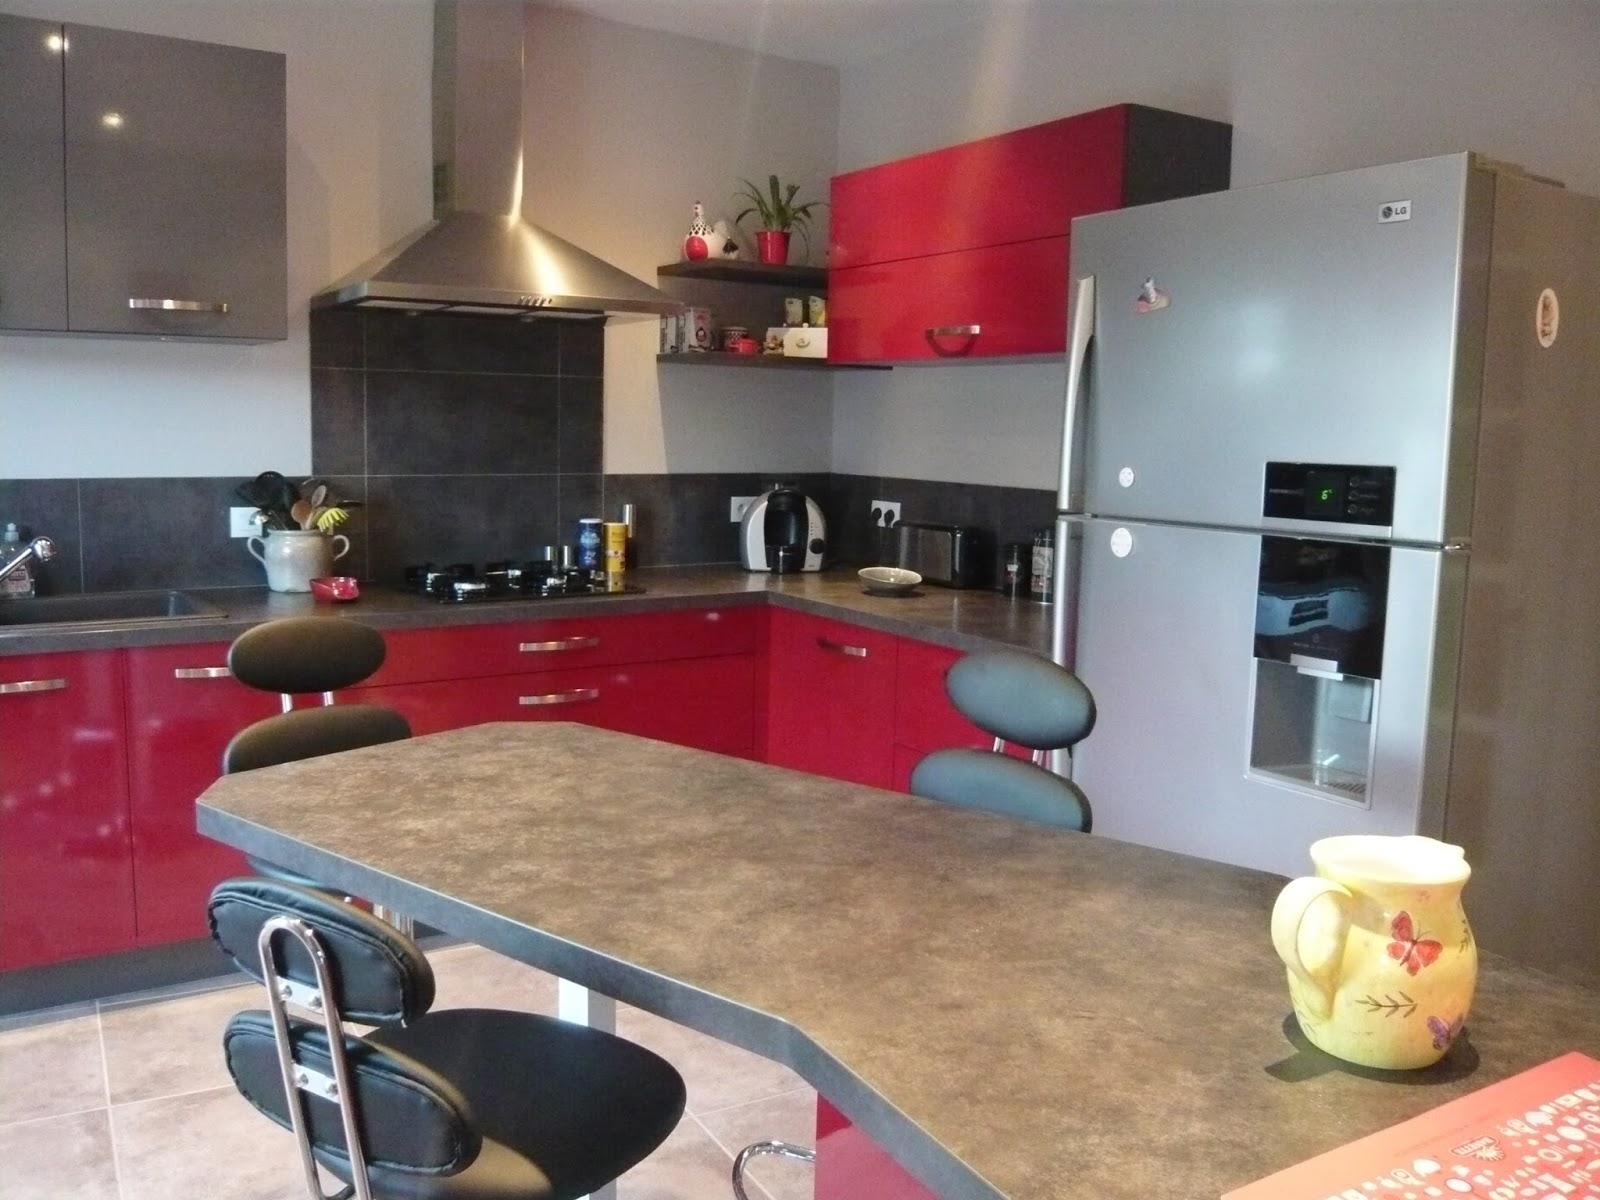 stunning cuisine rouge plan de travail gris images - design trends ... - Plan De Travail Cuisine Gris Anthracite